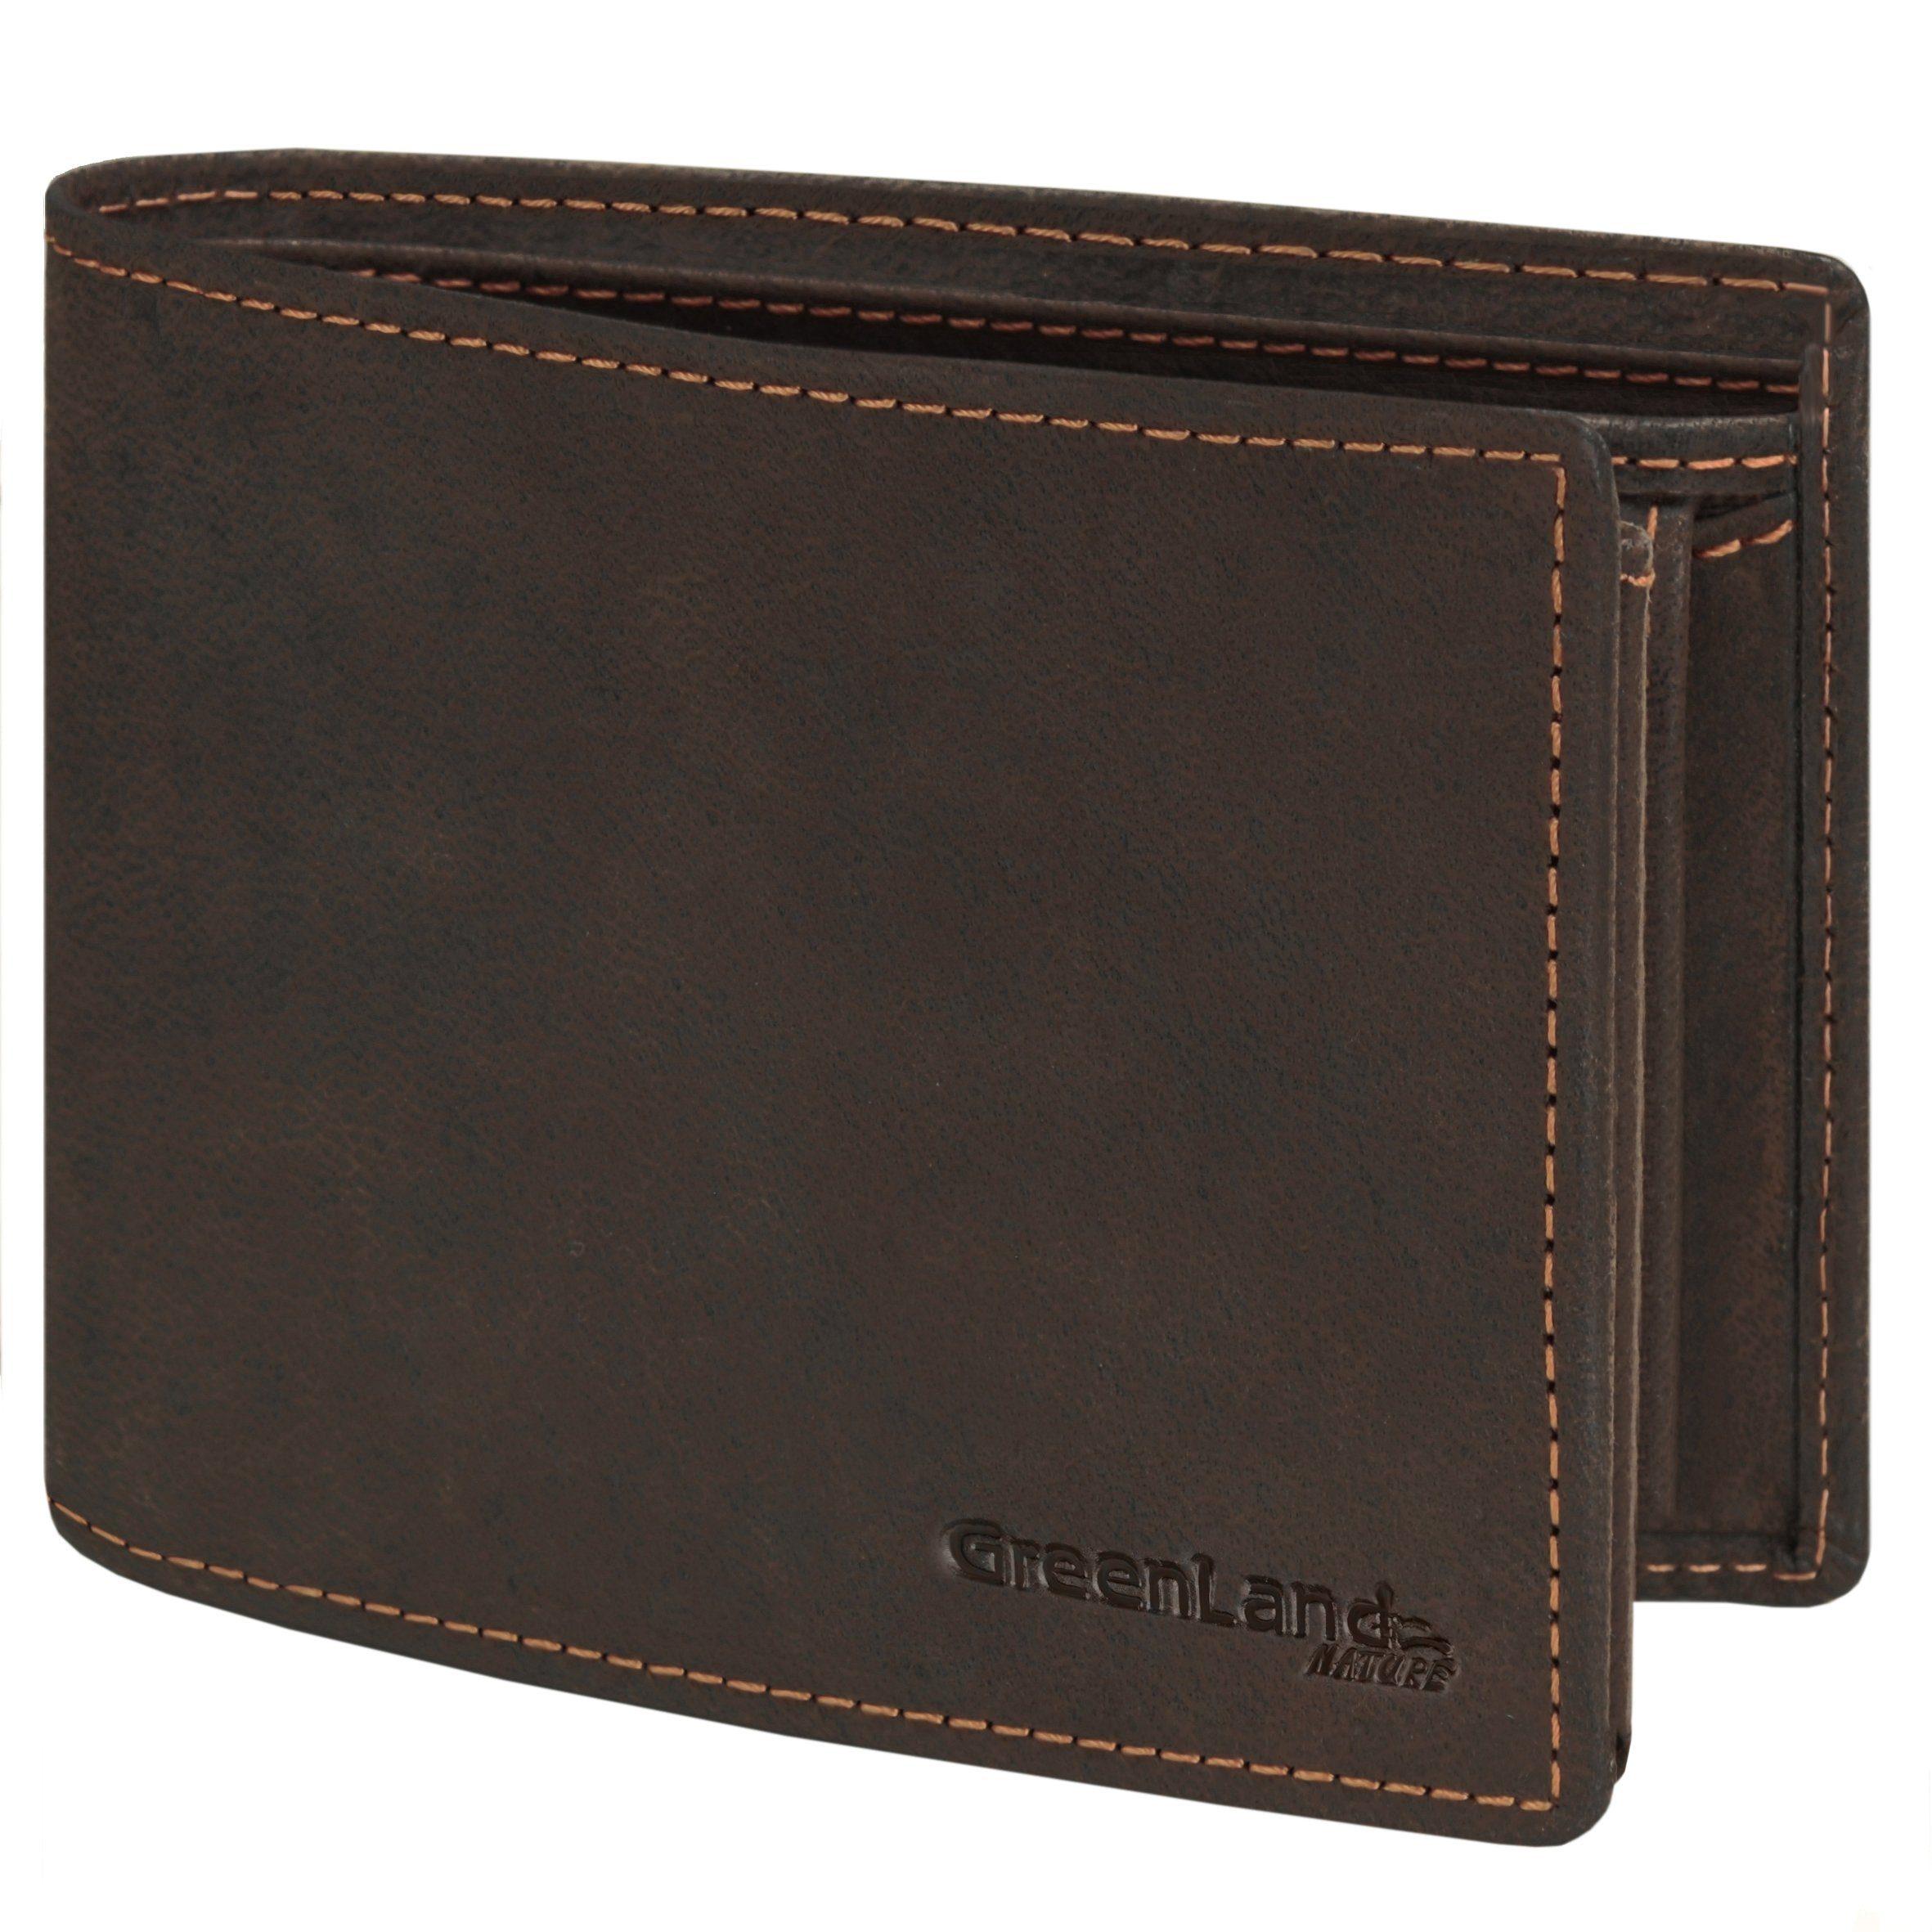 GREENLAND Westcoast Geldbörse Querformat 9994-03 Leder 12,5 cm mit Klappfa